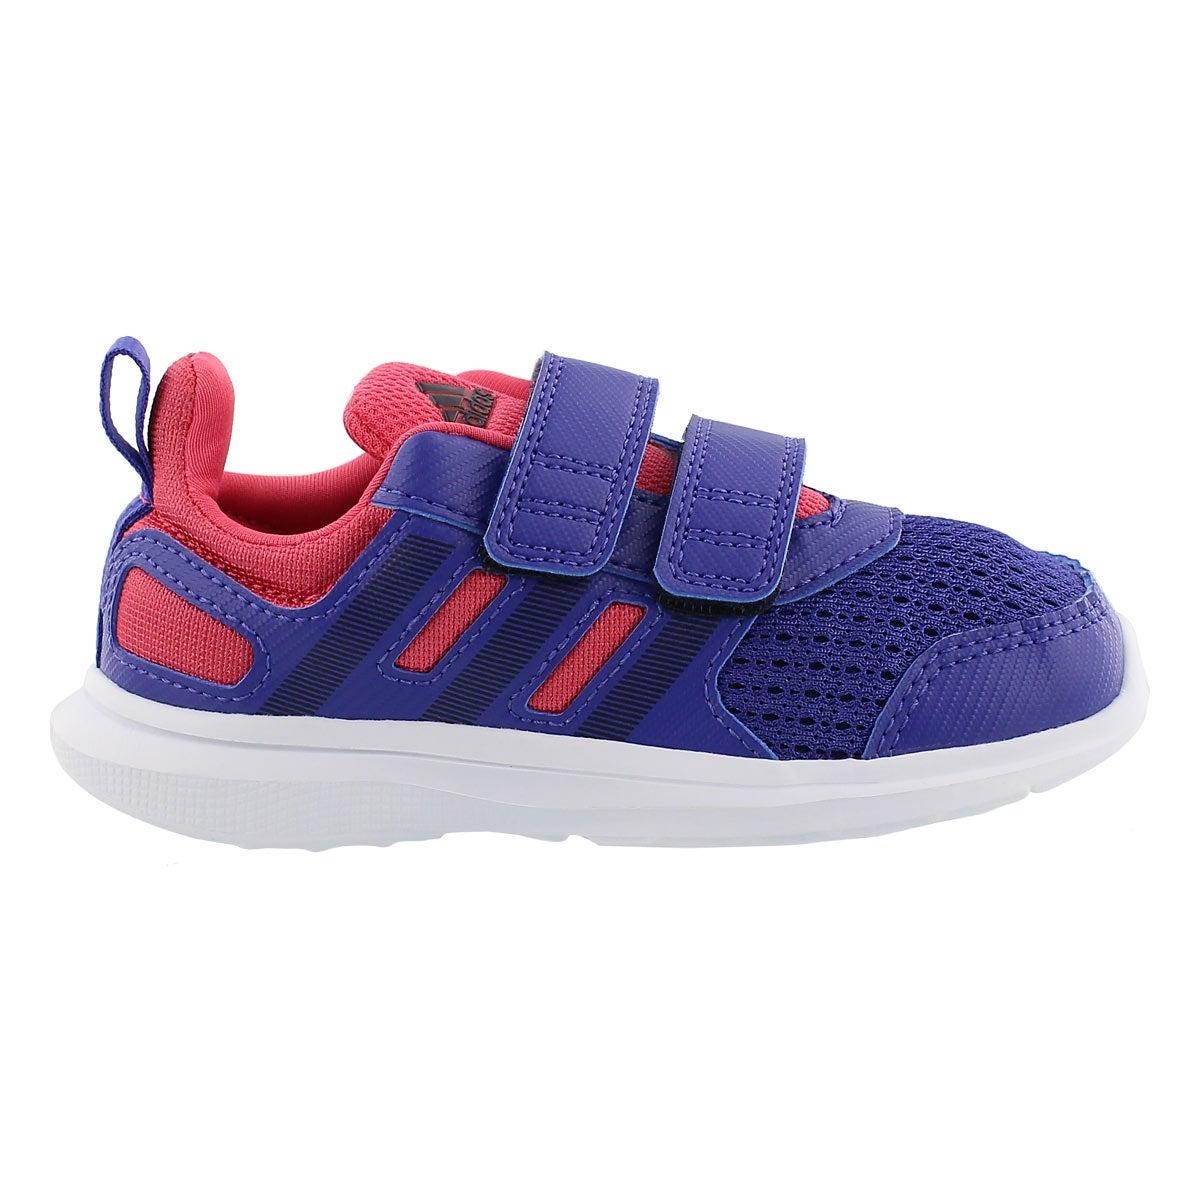 Infs Hyperfast 2.0 blu/pink running shoe